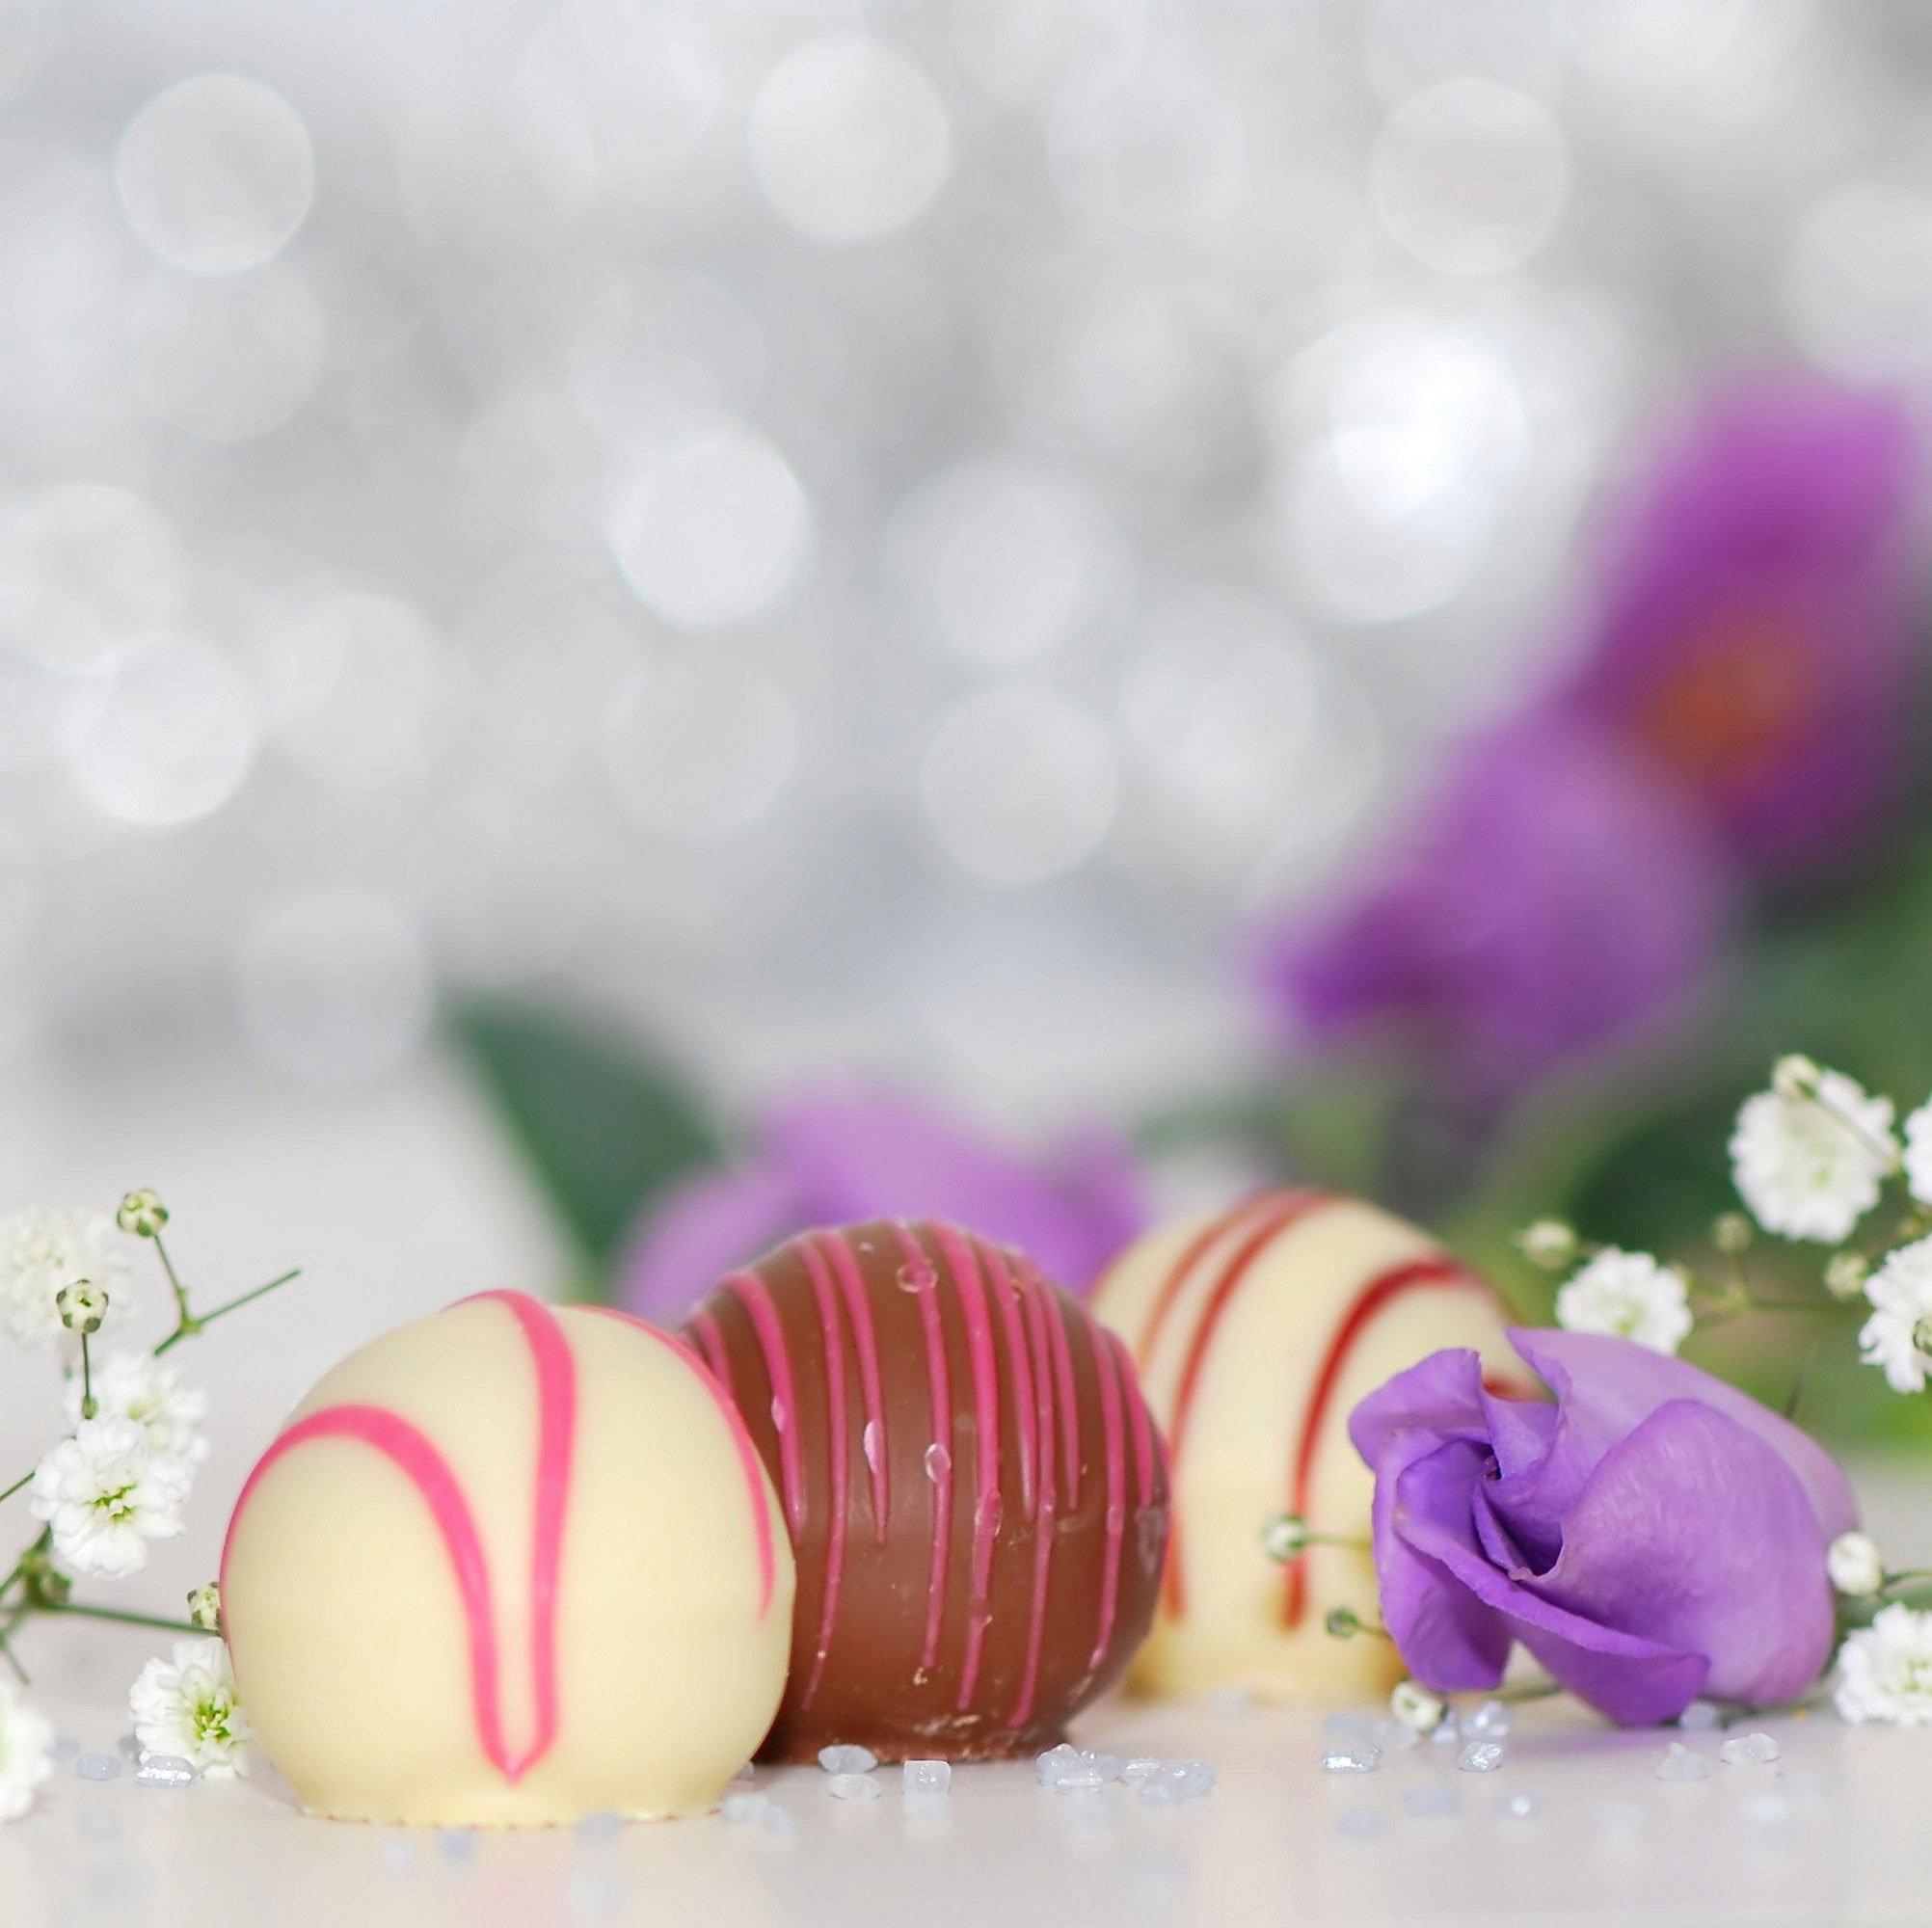 Süße Naschereien für Ihren Liebsten im 4 Sterne Wellnesshotel - Bayerischer Wald